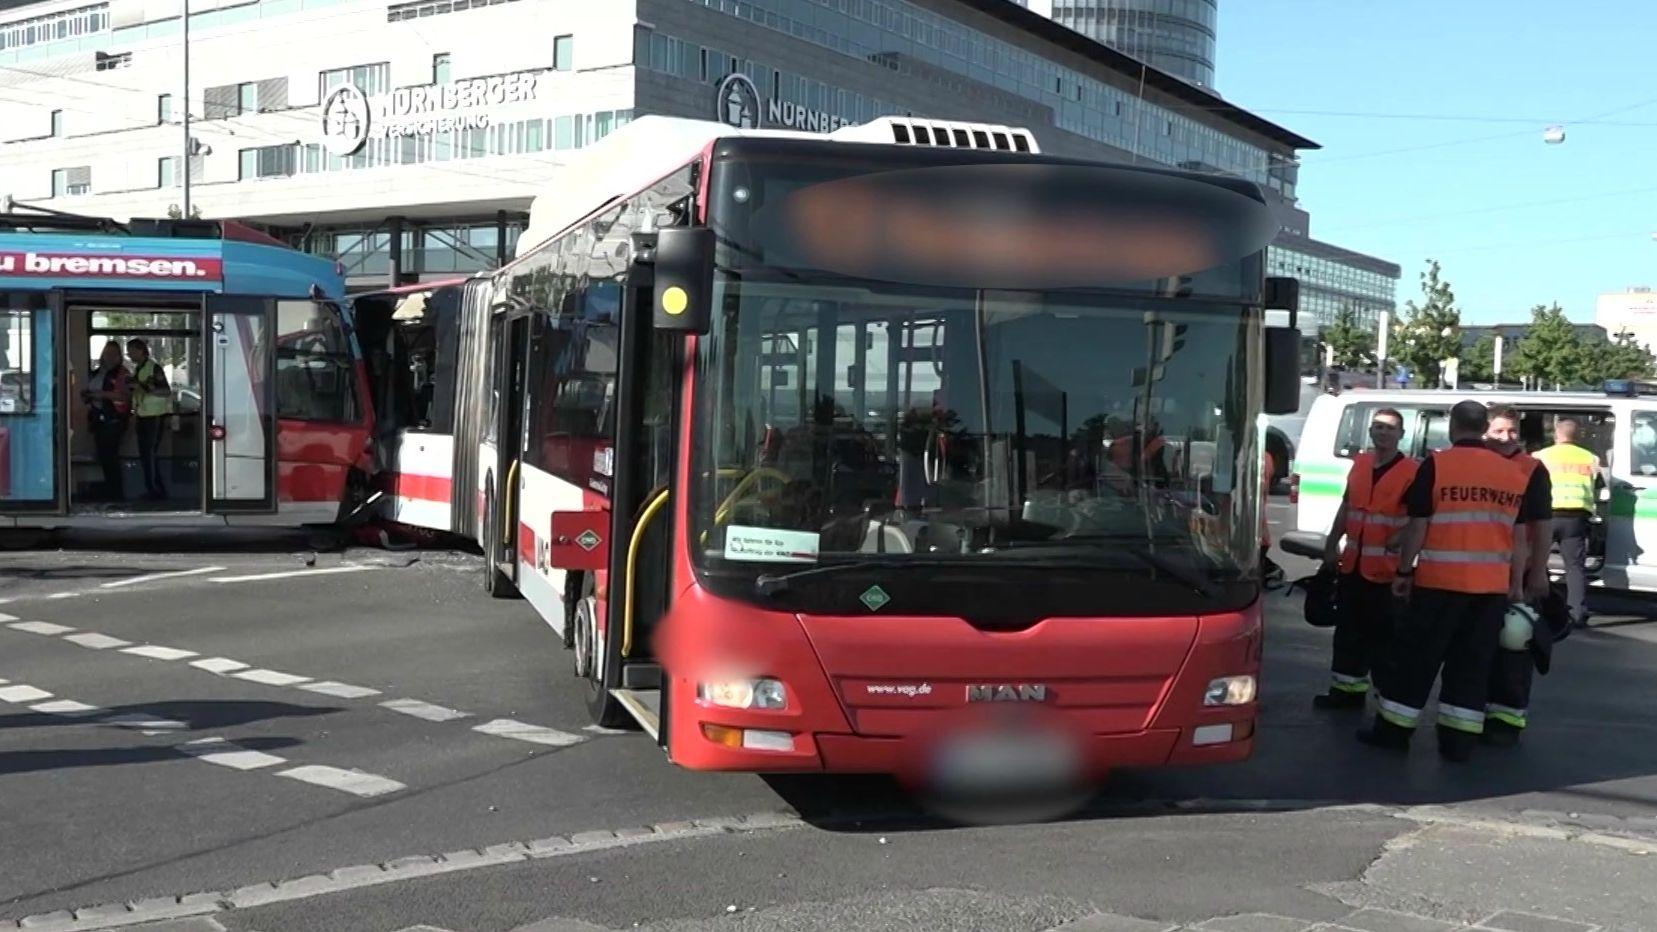 Unfall in Nürnberg - eine Straßenbahn krachte in einen Linienbus